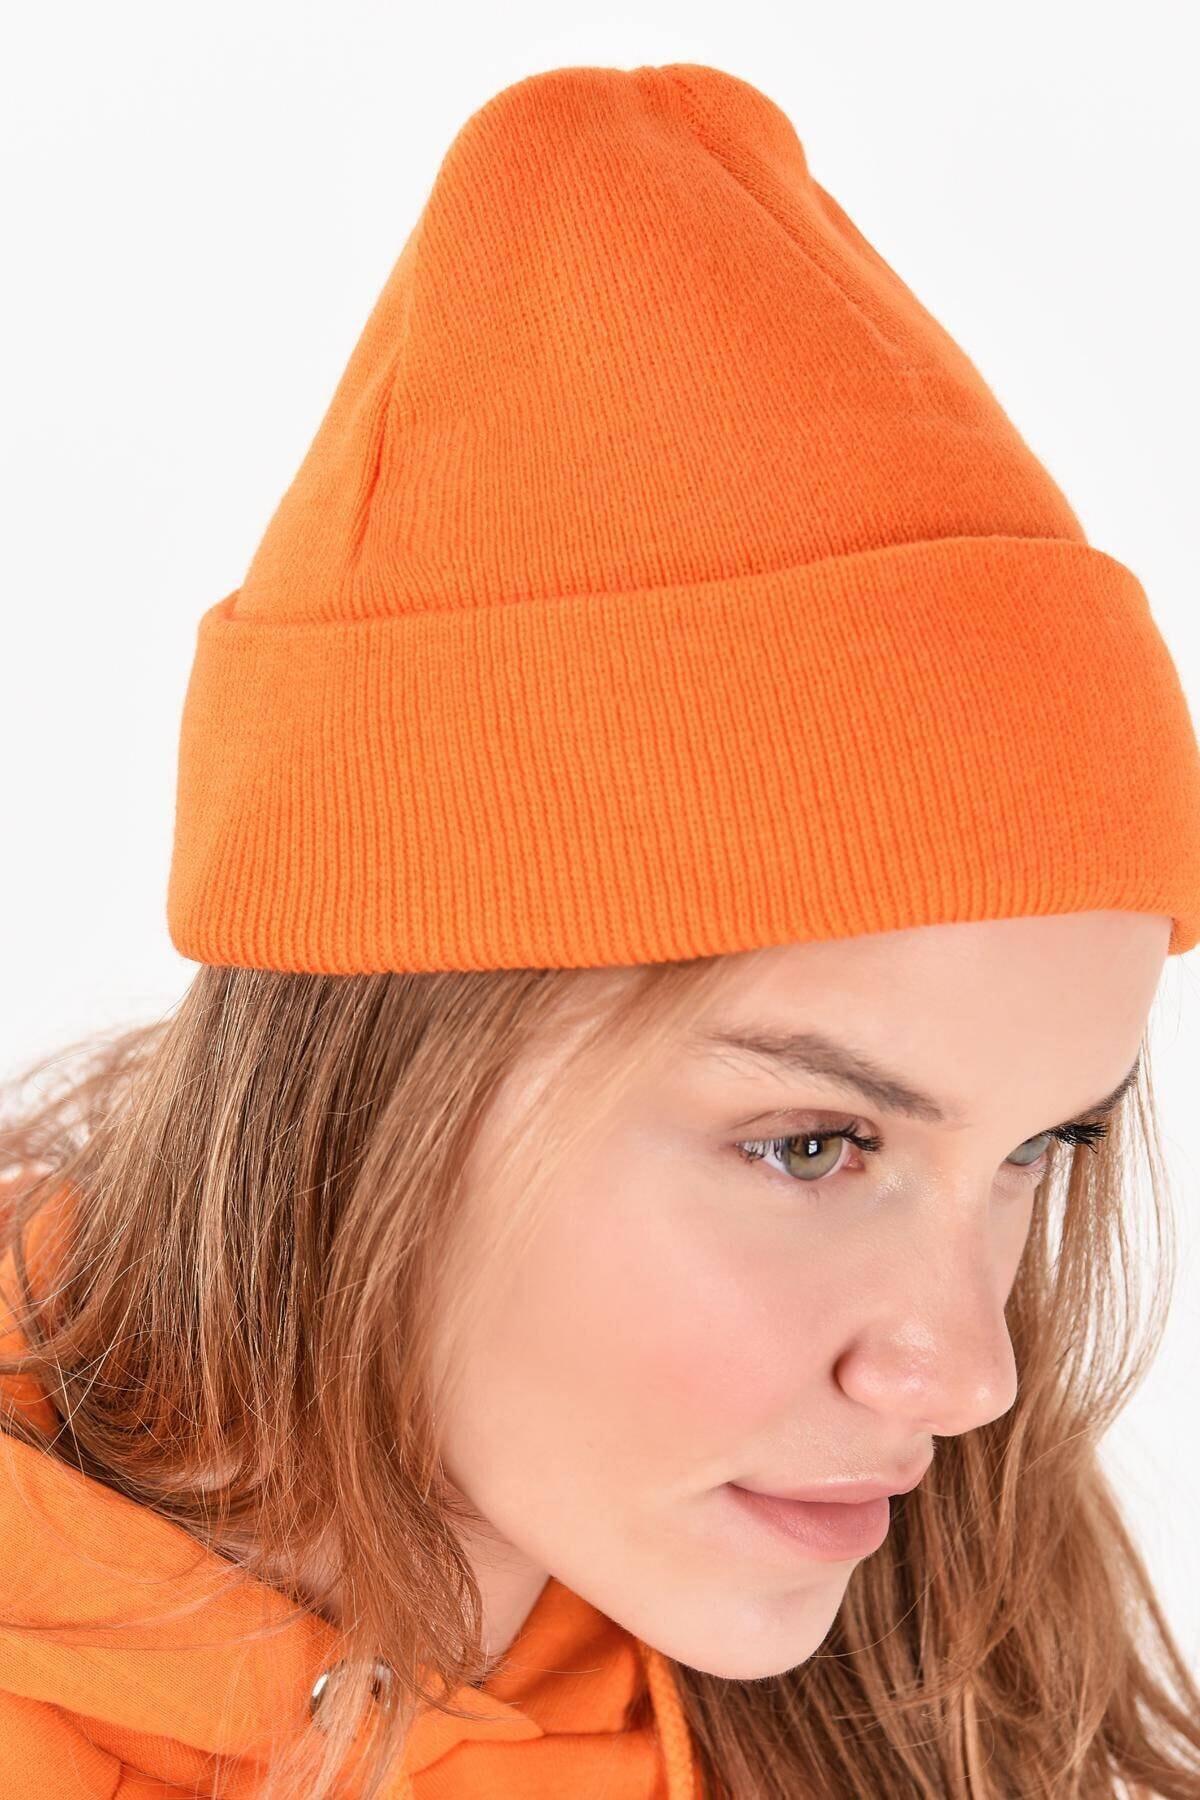 Addax Kadın Turuncu Şapka Şpk12835 - Aks -e5 ADX-0000020470 2